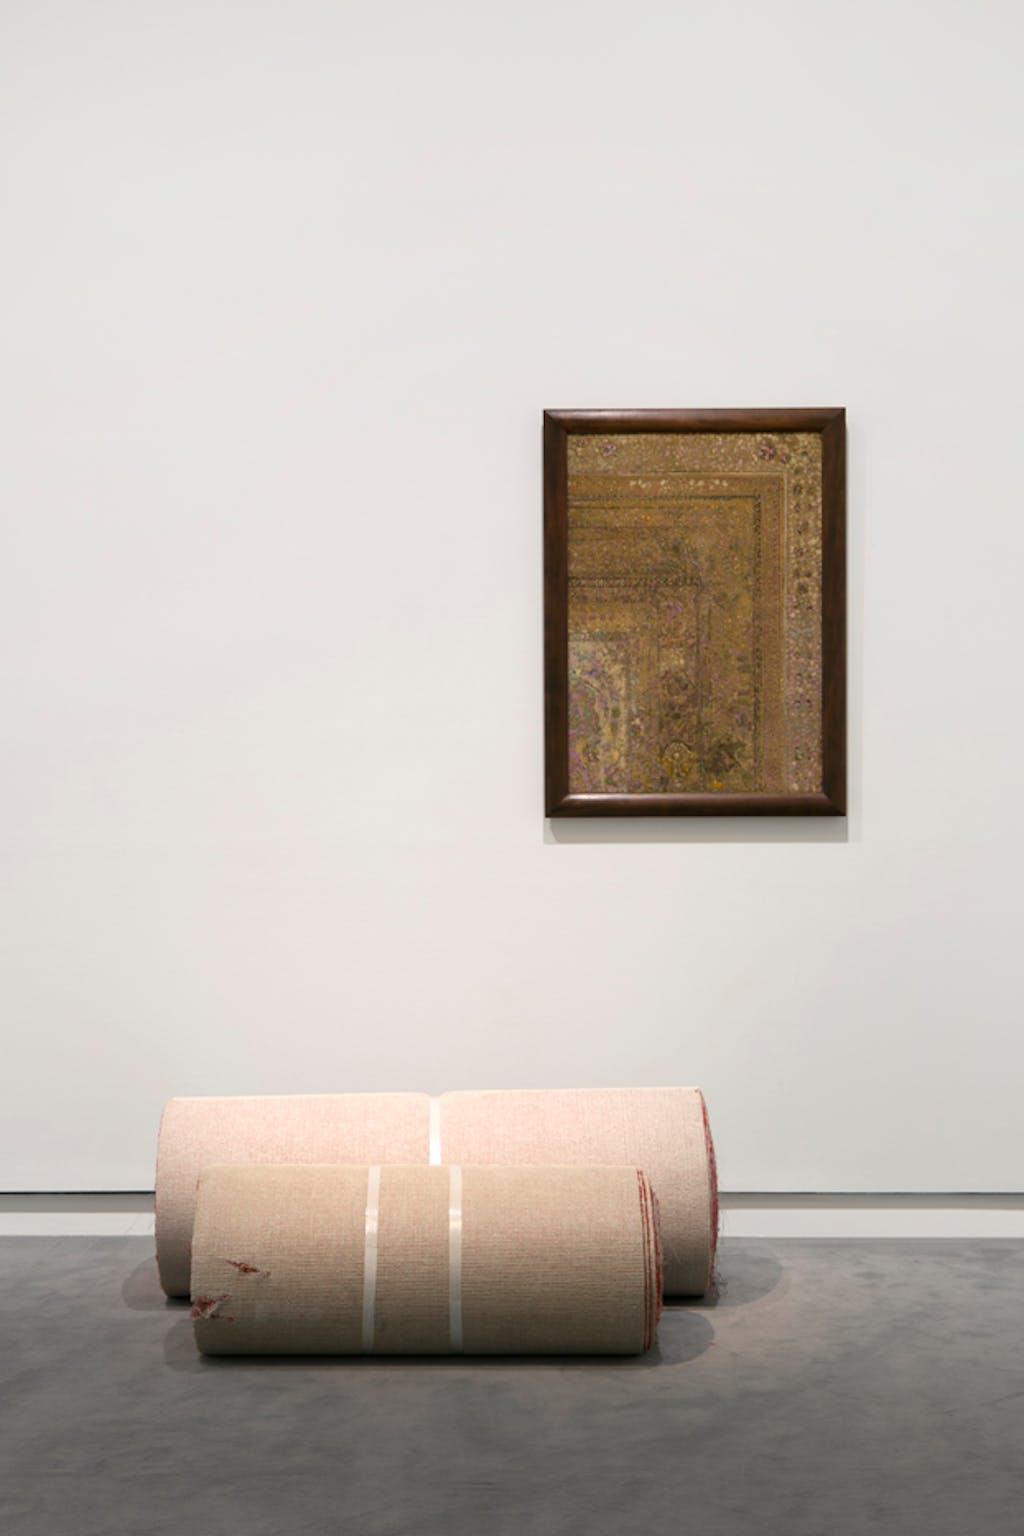 Exhibition view, Musée d'Orsay, Paris - © kamel mennour